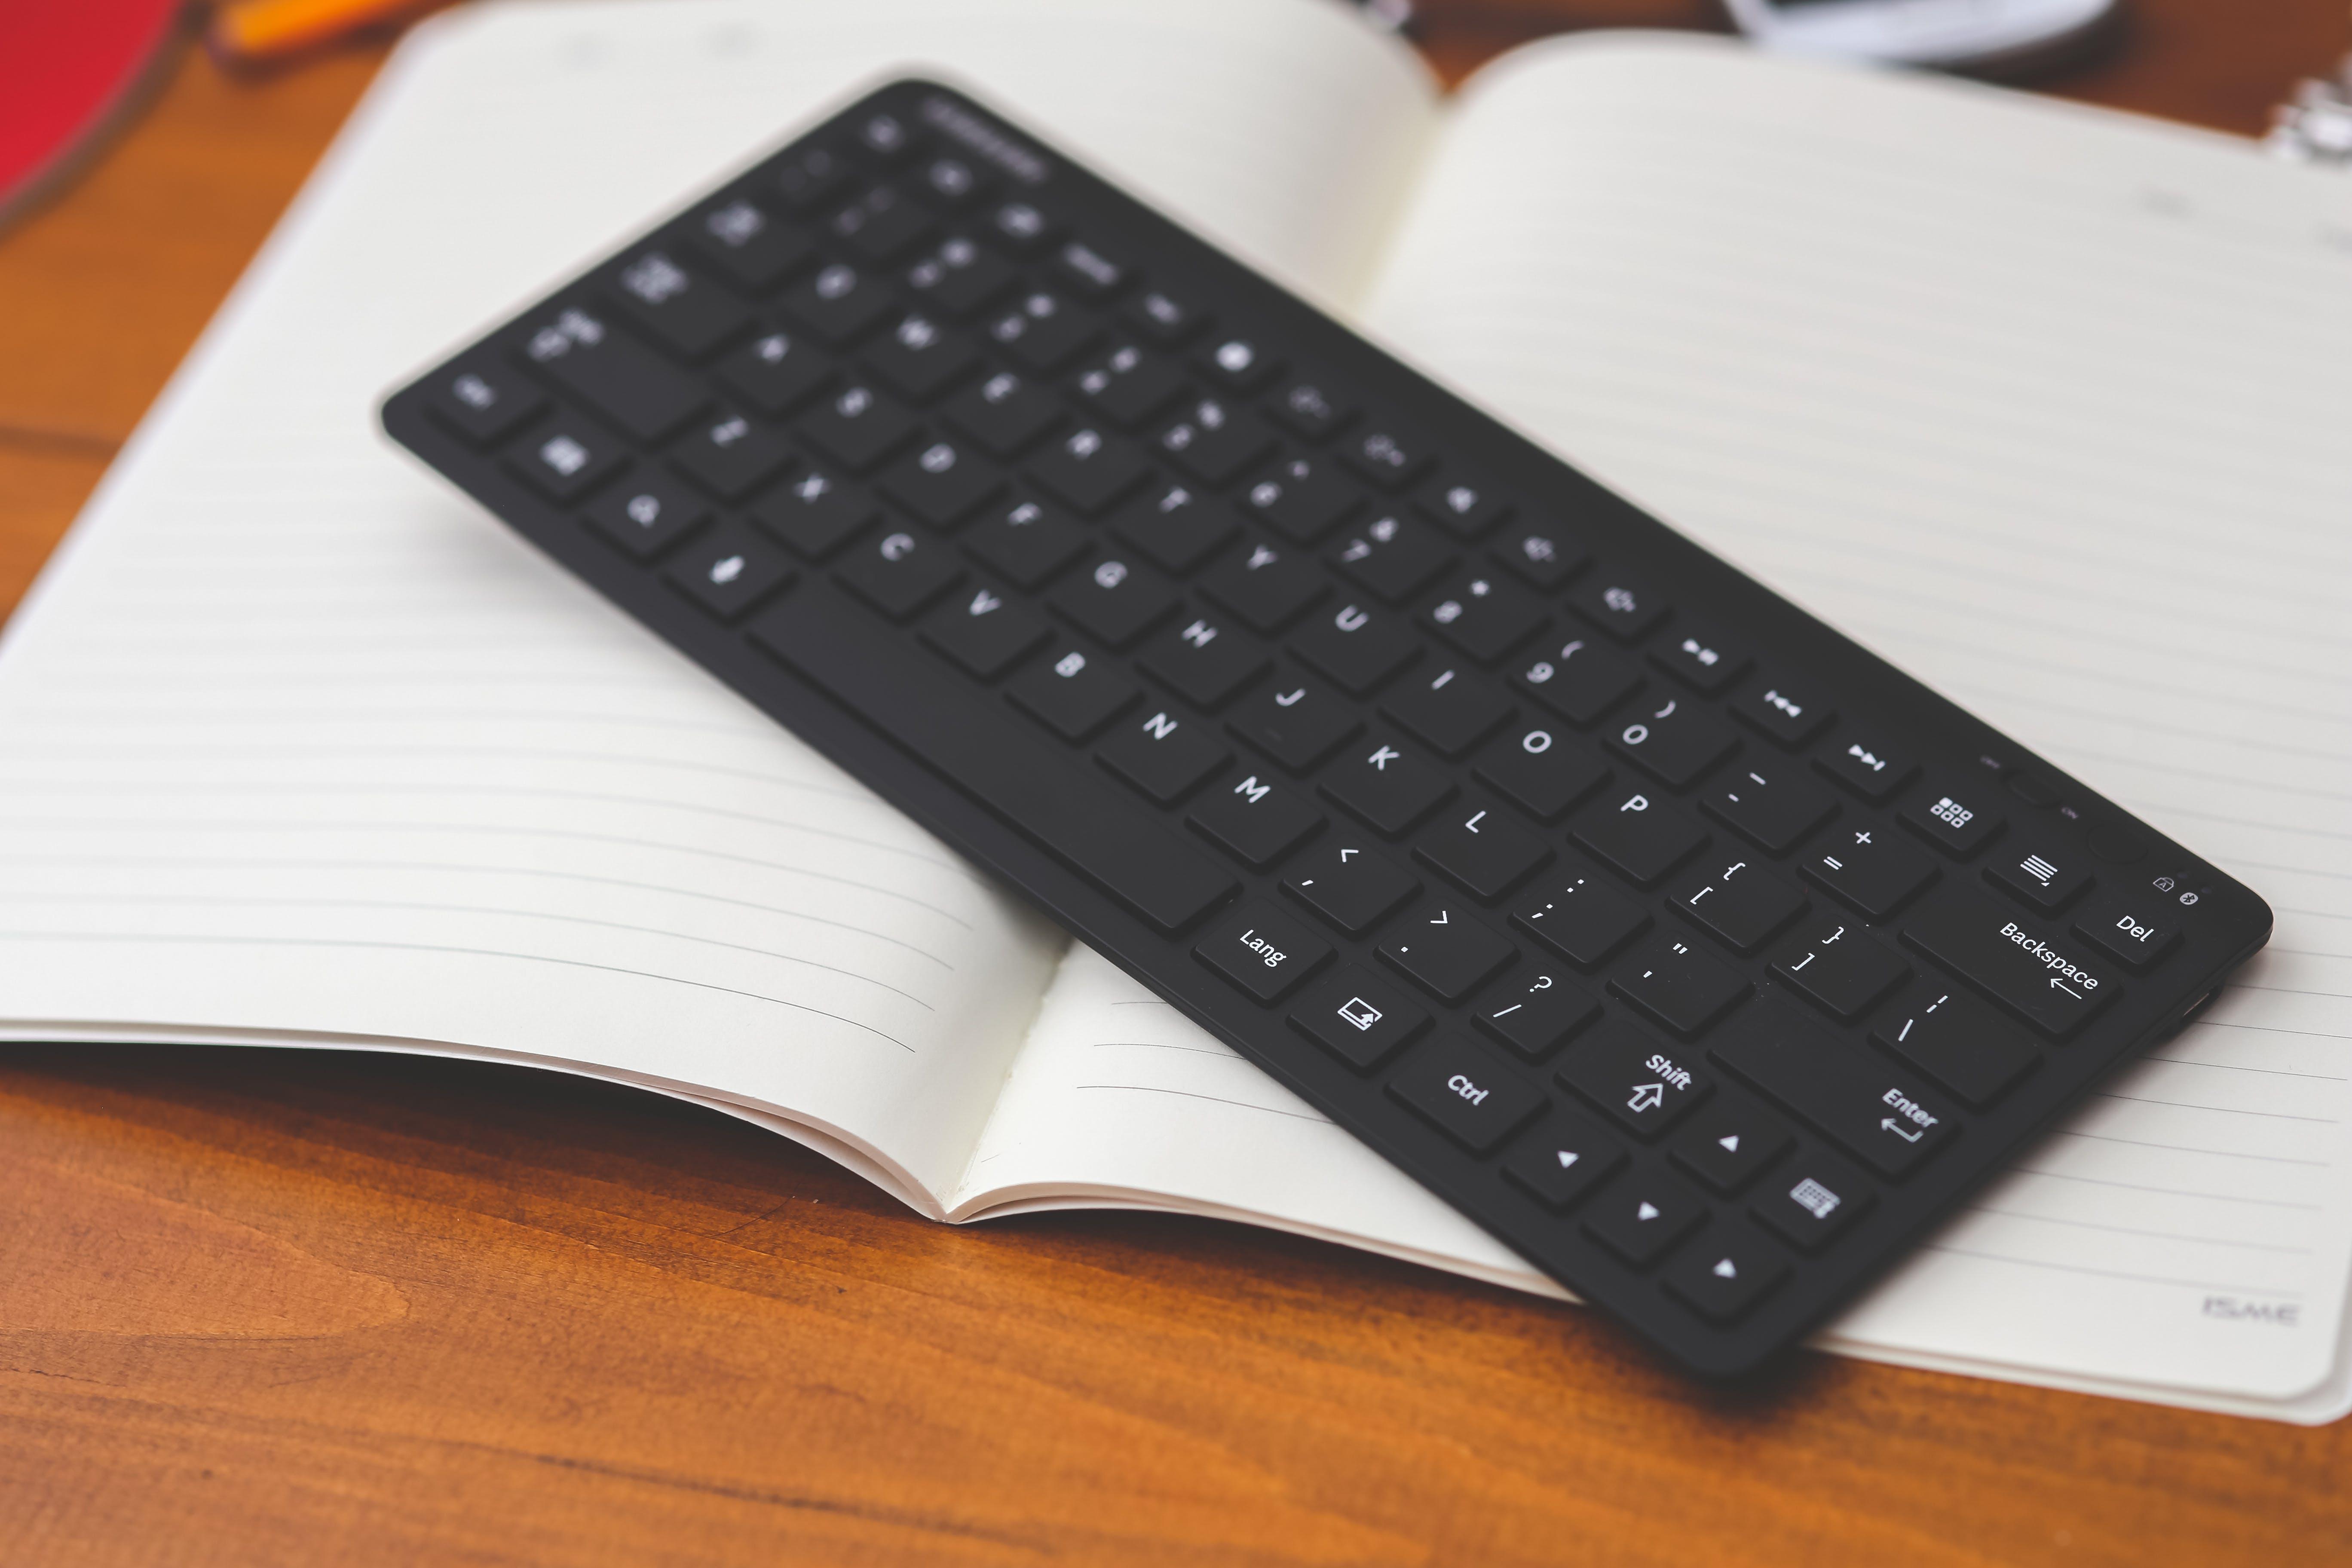 Black desktop wireless keyboard on the note